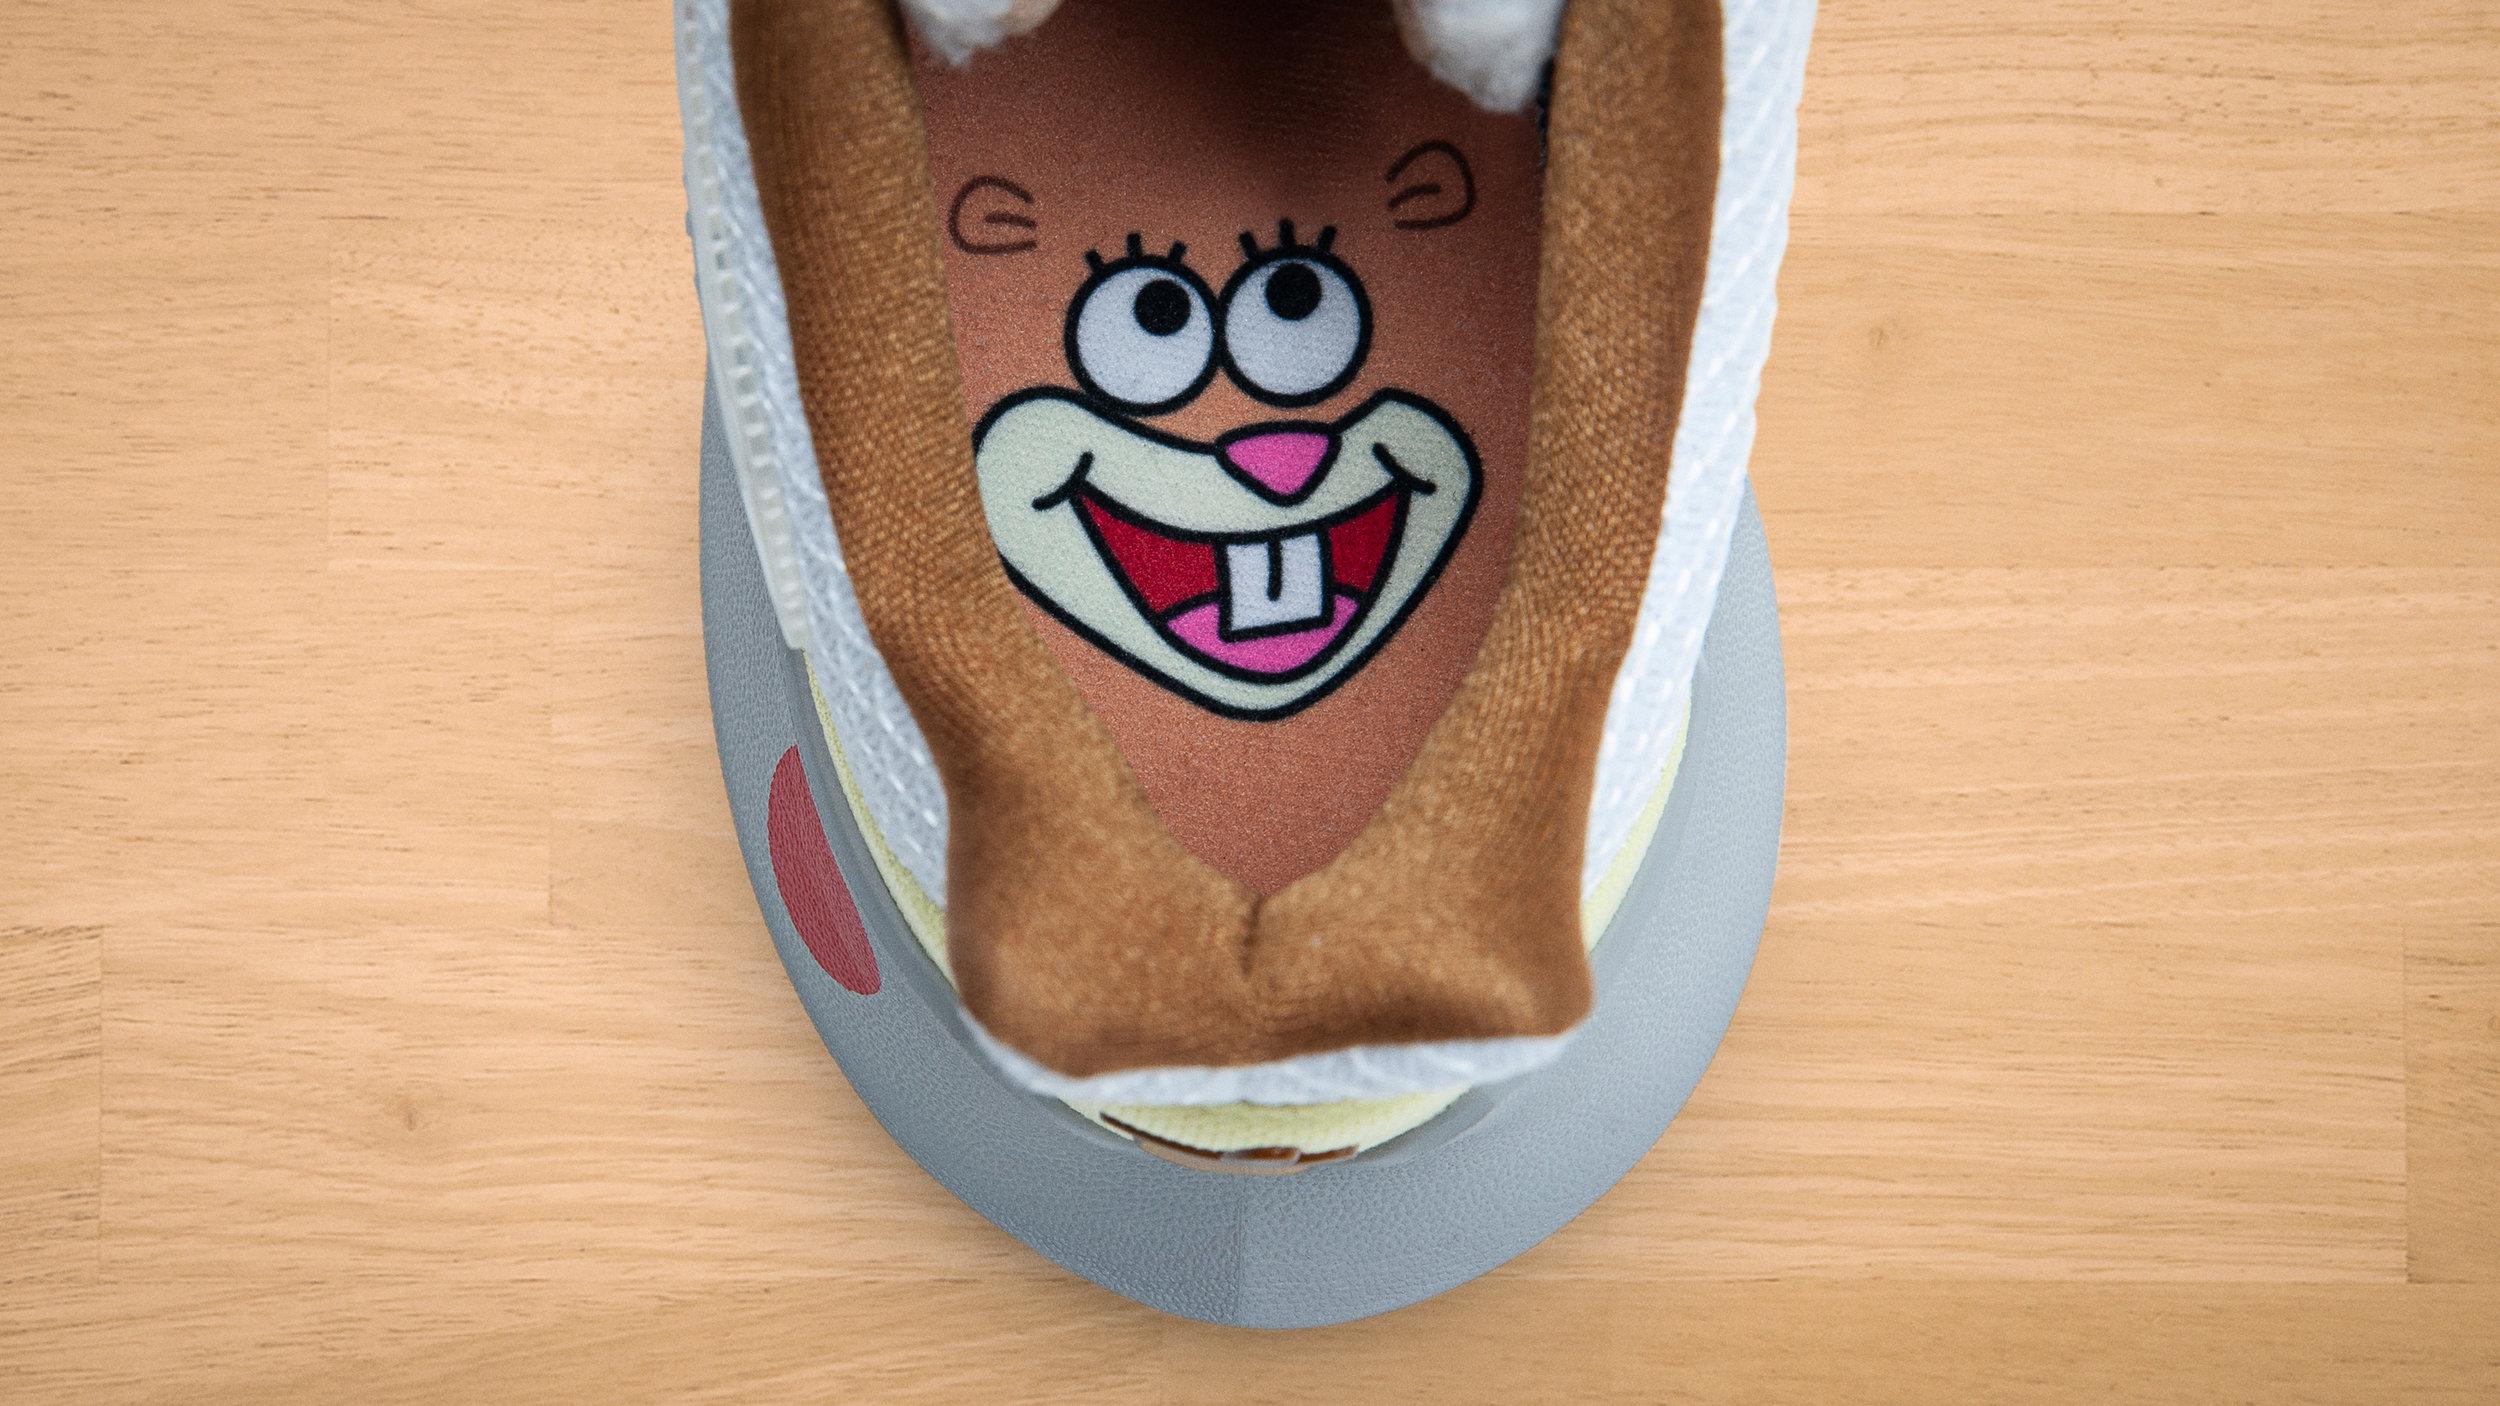 NikeNews_NikeBasketball_Kyrie_Spongebob_DSC_8119_1_89214.jpg